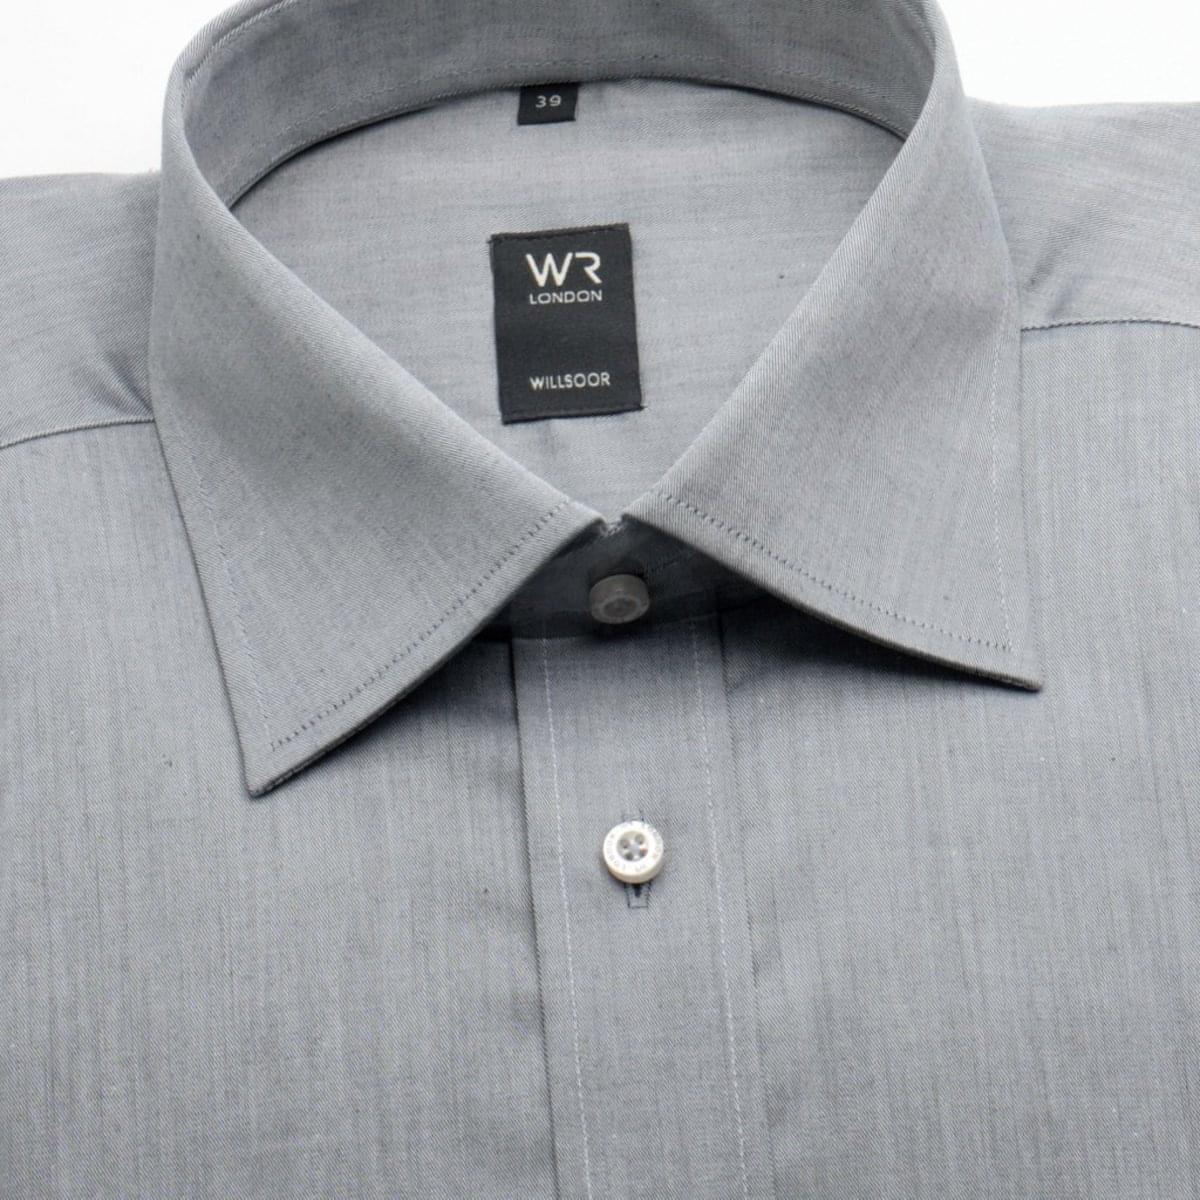 Pánska košeľa WR London (výška 188/194) 483 188-194 / 39